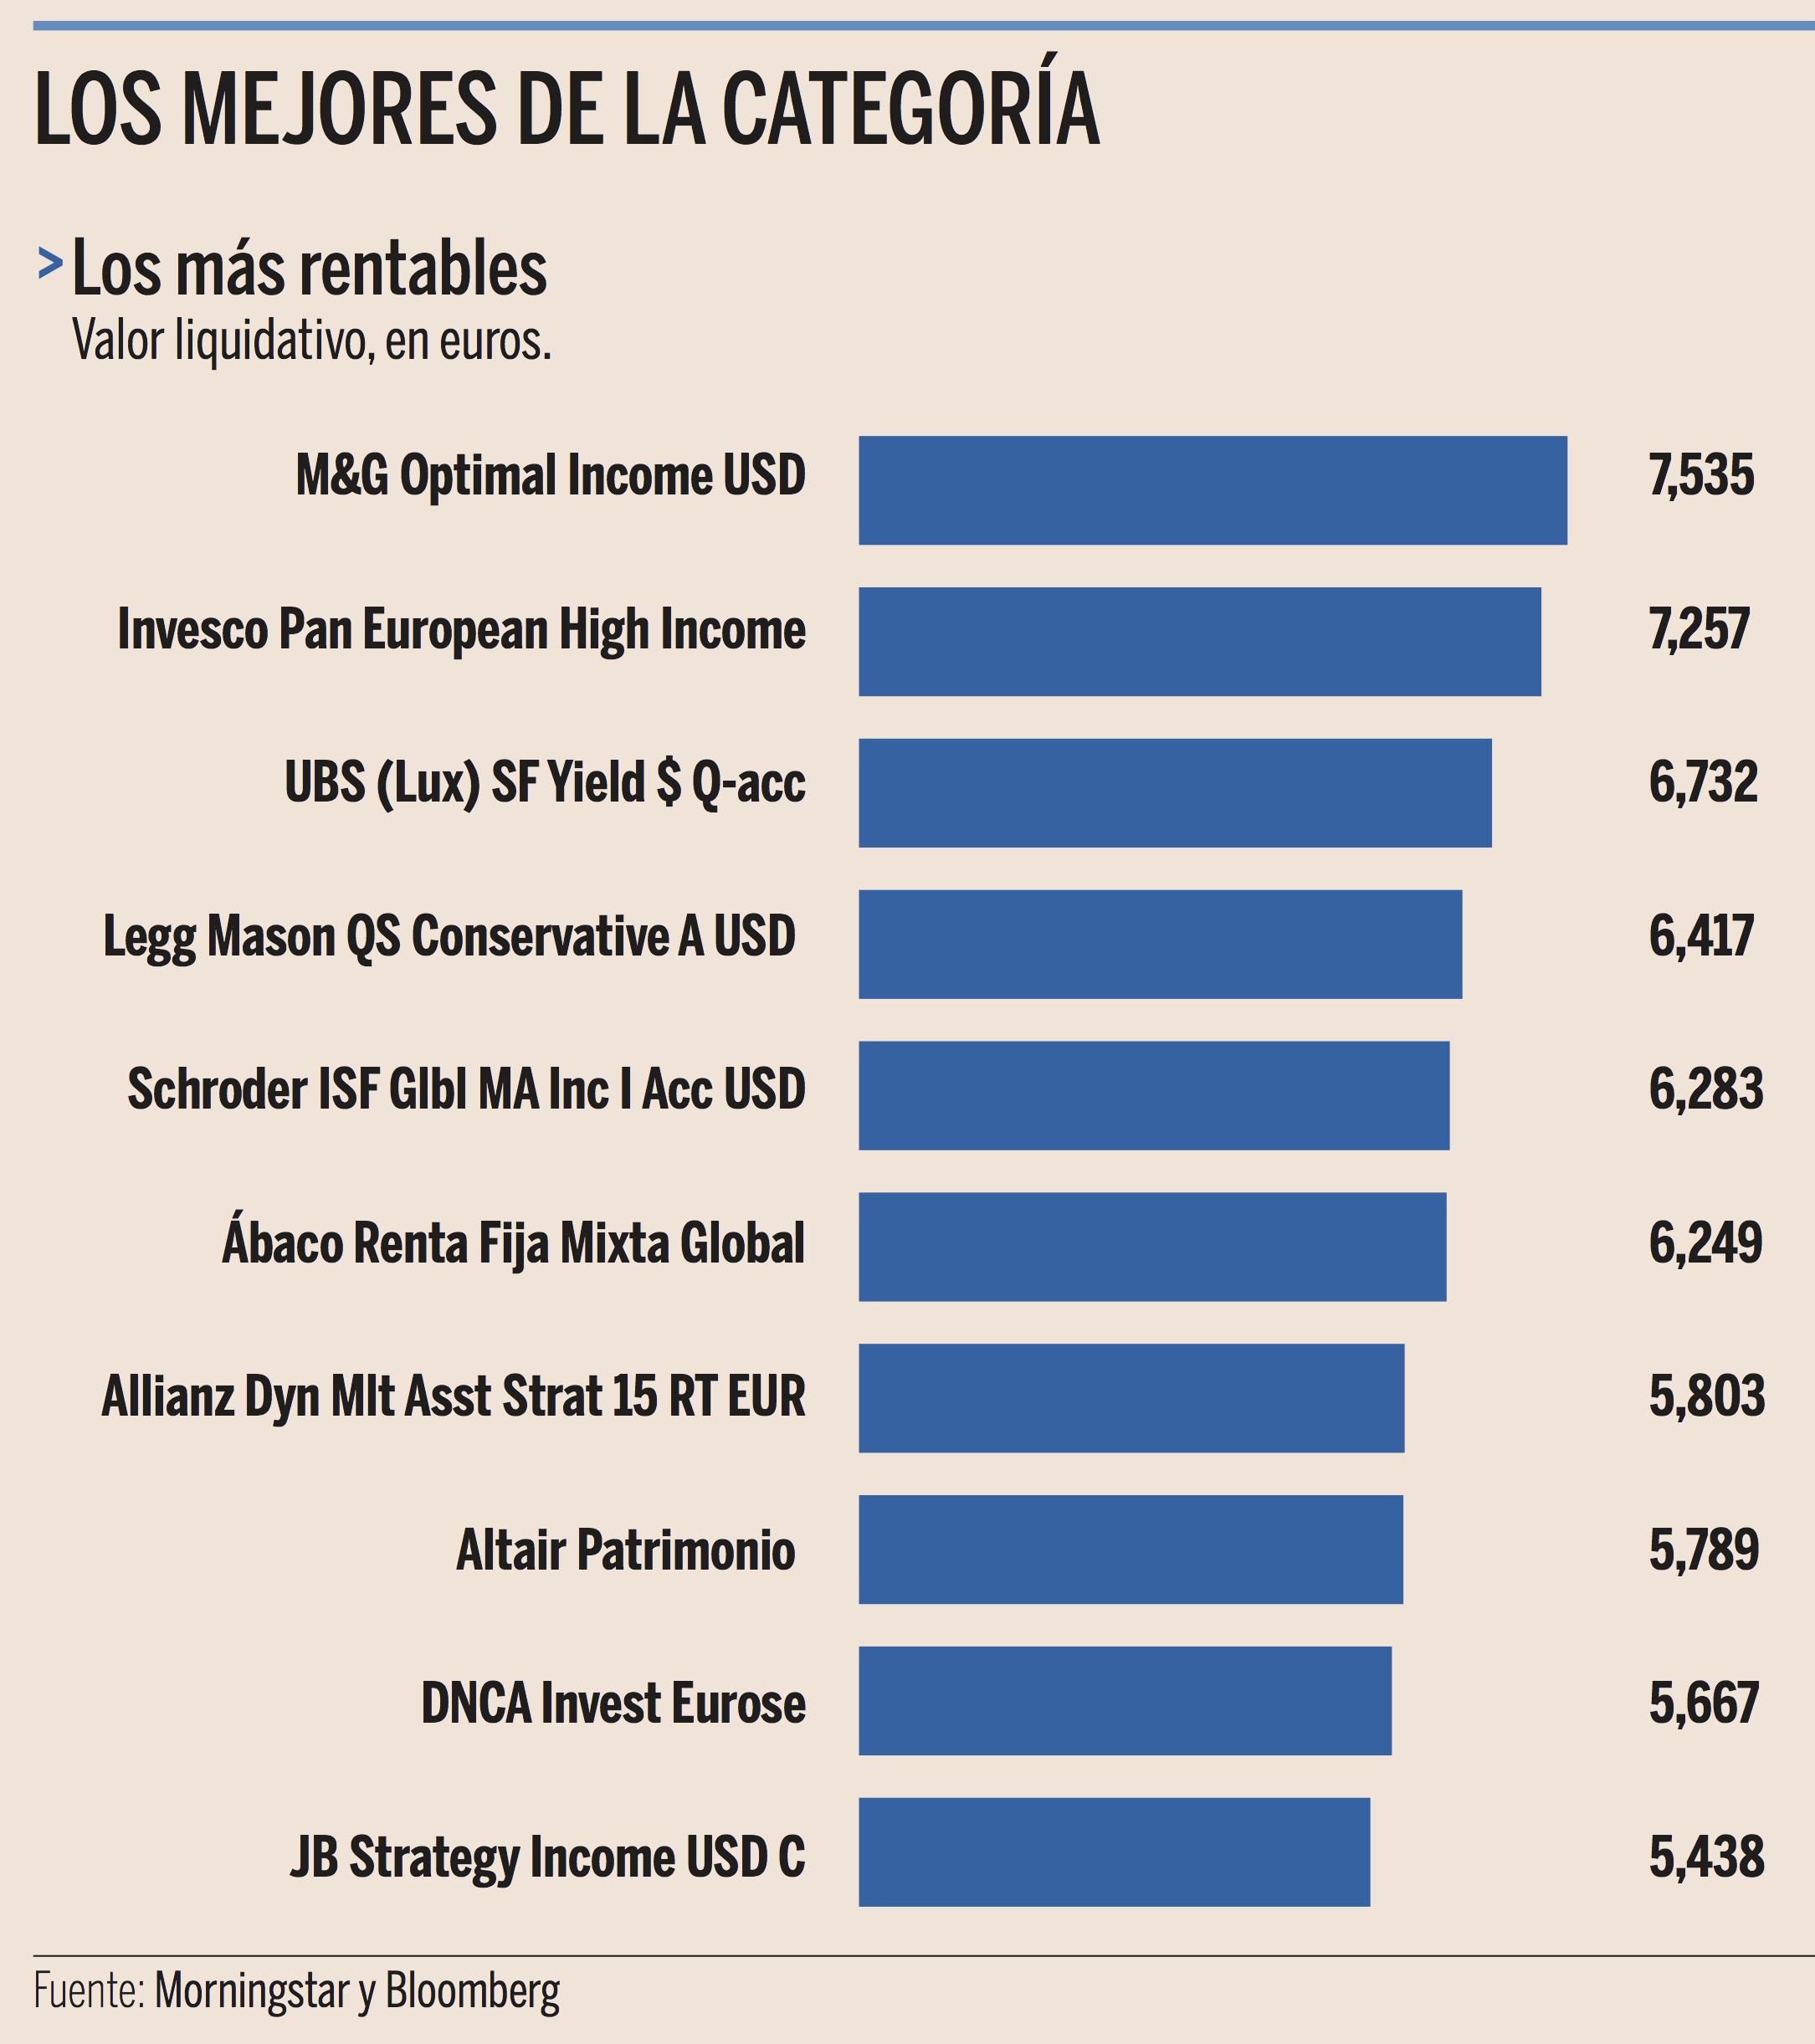 ranking de fondos mixtos defensivos por rrentabilidad anualizada a 5 años Expansión